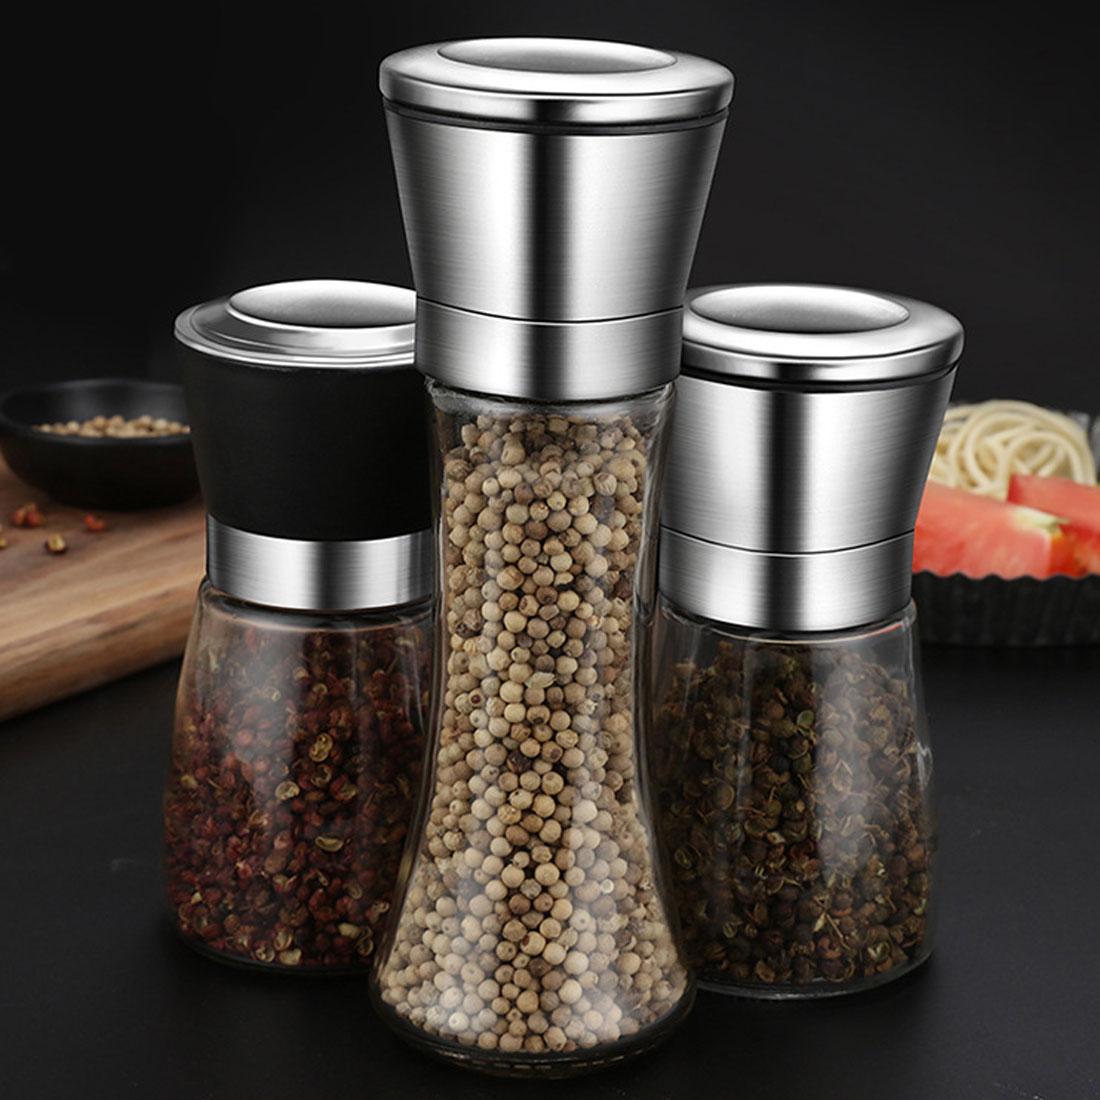 Molinillo Manual de acero inoxidable para cocina, sal, arena, pimienta, pimentero, hierba, perejil, Molinillo, molinillo de pimienta, molinillo de cerámica